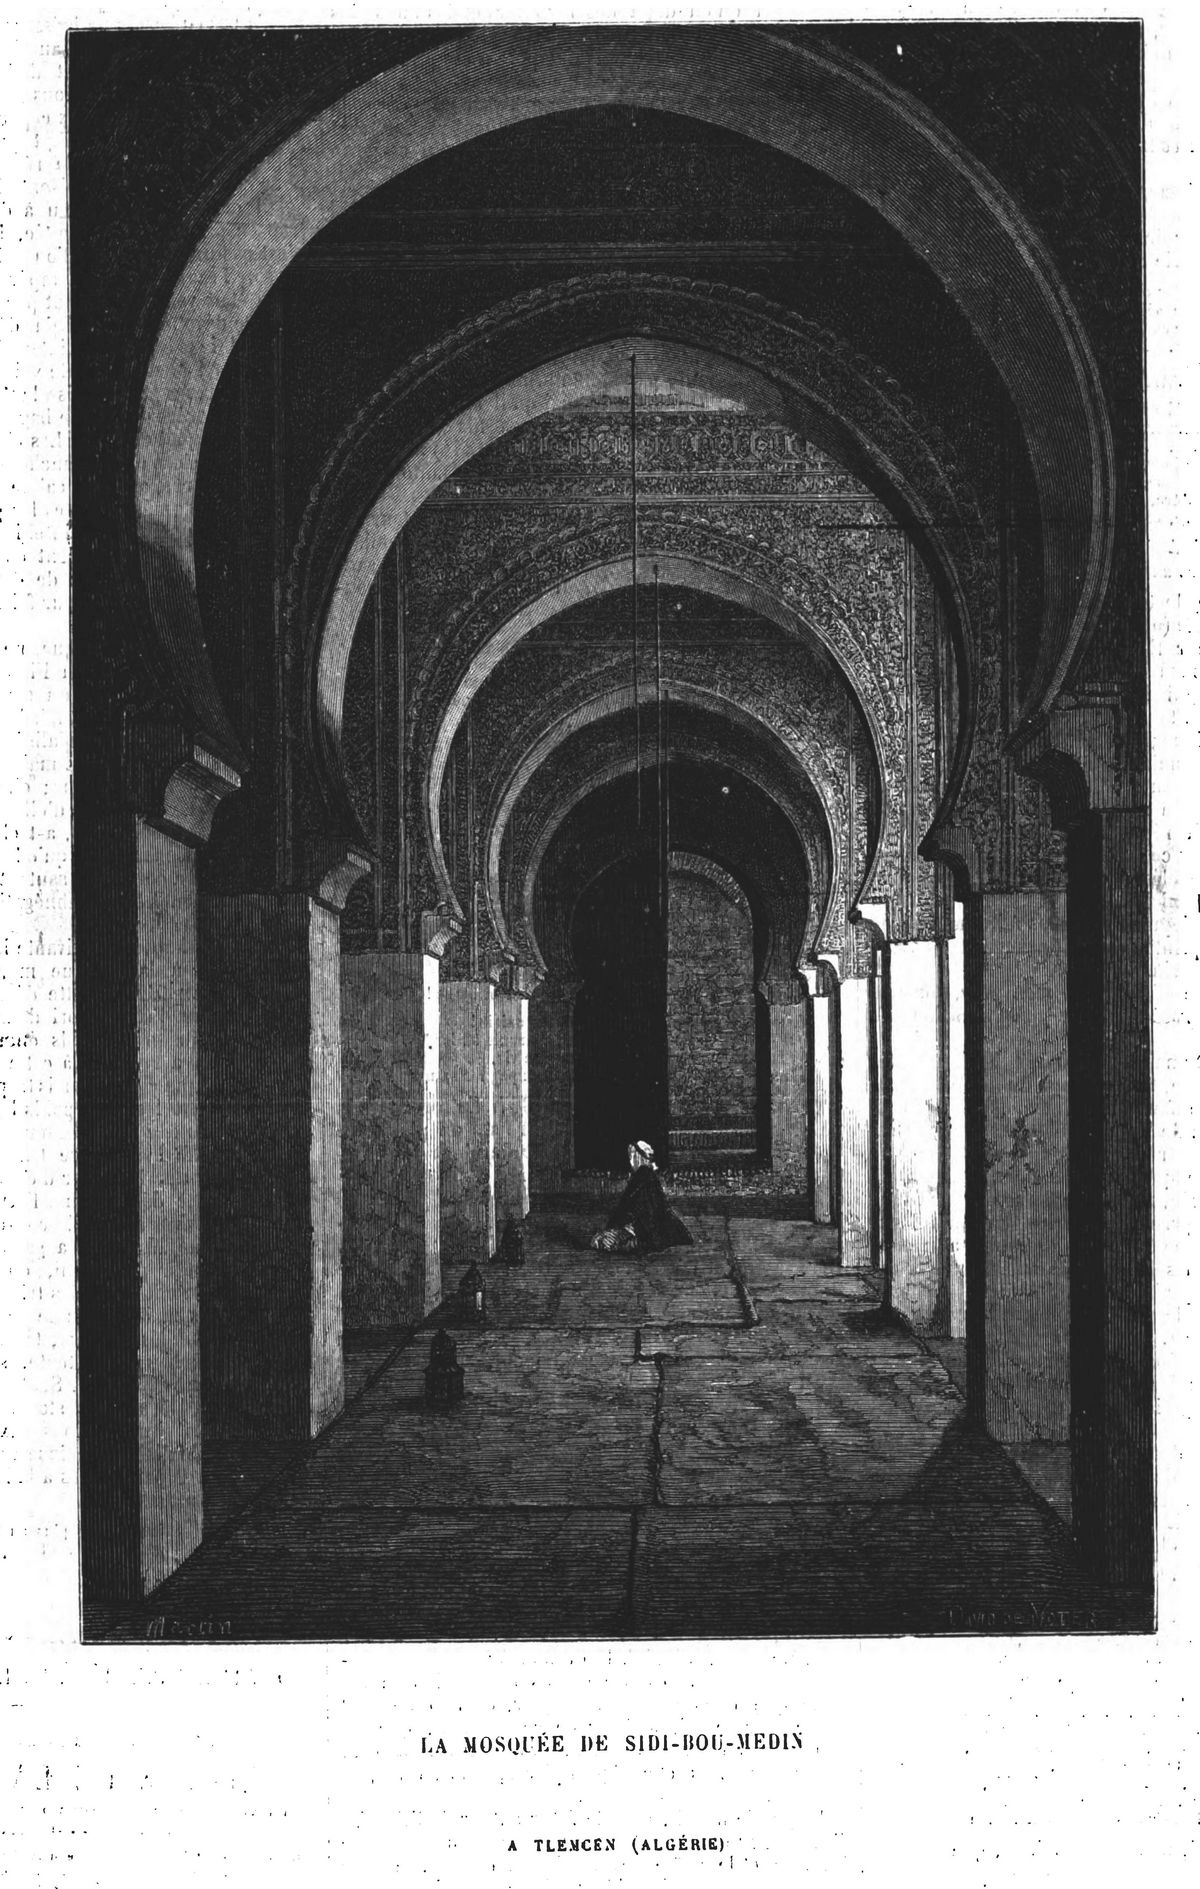 La mosquée de Sidi-Bou-Medin, à Tlemcen (Algérie). Gravure 1874